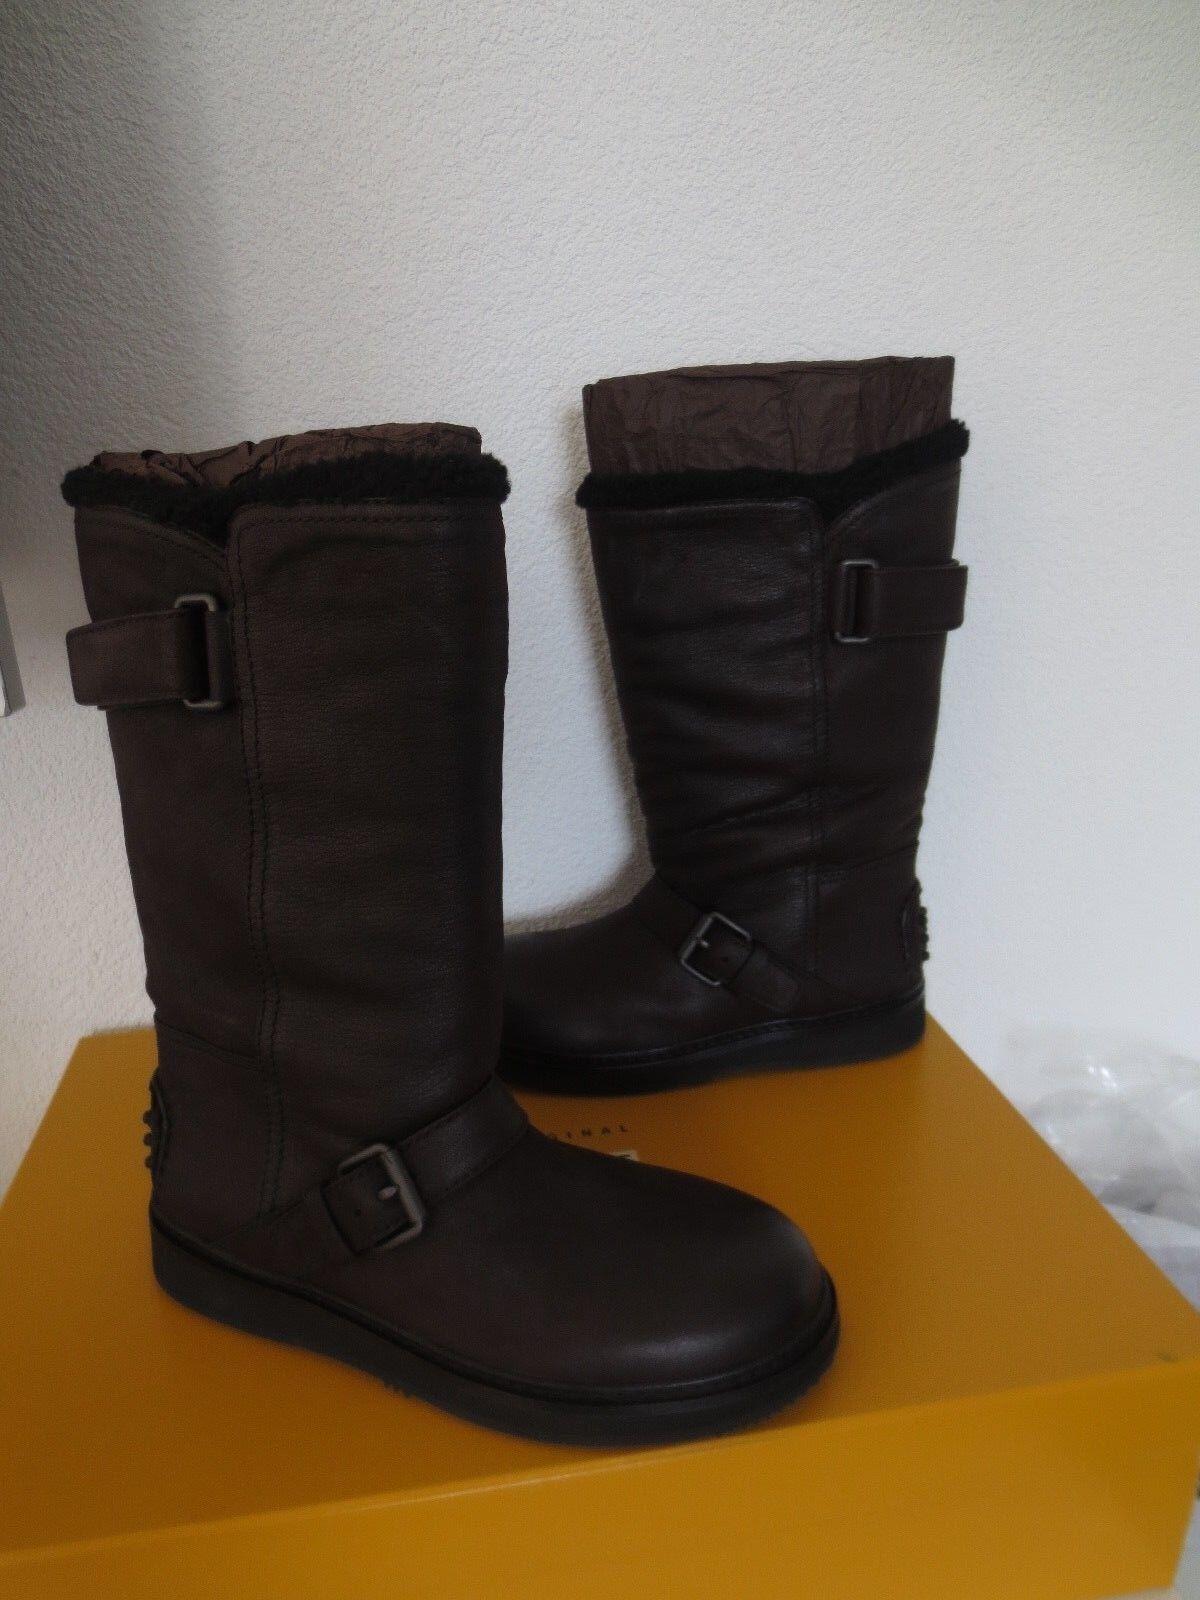 Car Shoe By Prada botas marrón de cuero Capra antic forradas nuevo